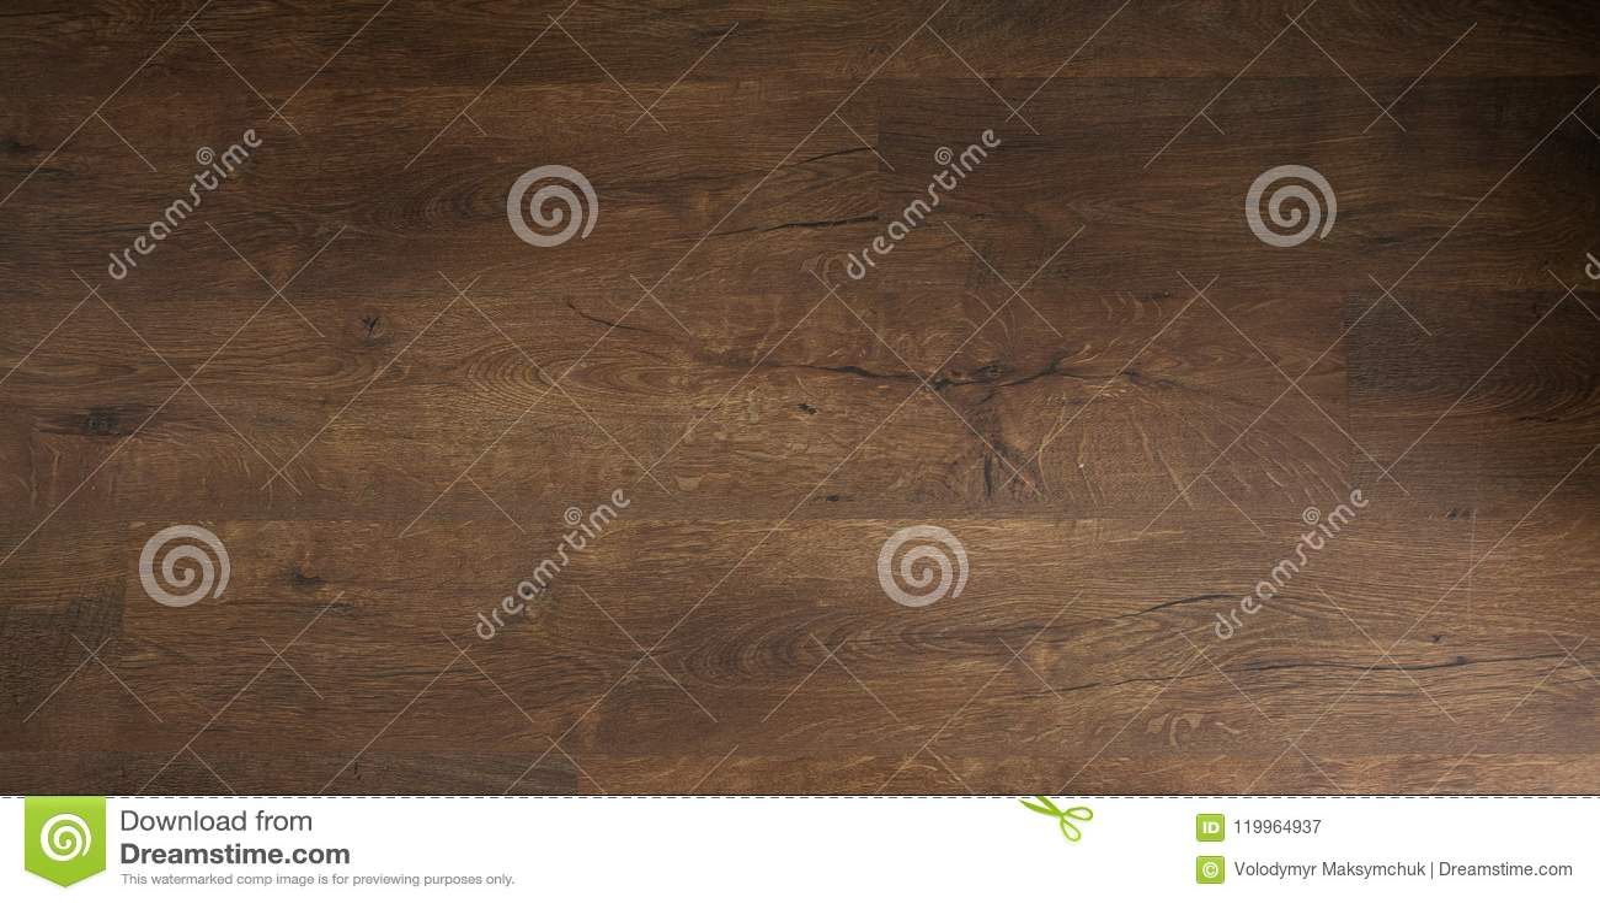 Σκοτεινό δρύινο πάτωμα Ξύλινο πάτωμα, δρύινο παρκέ - ξύλινο δάπεδο, δρύινο φύλλο πλαστικού